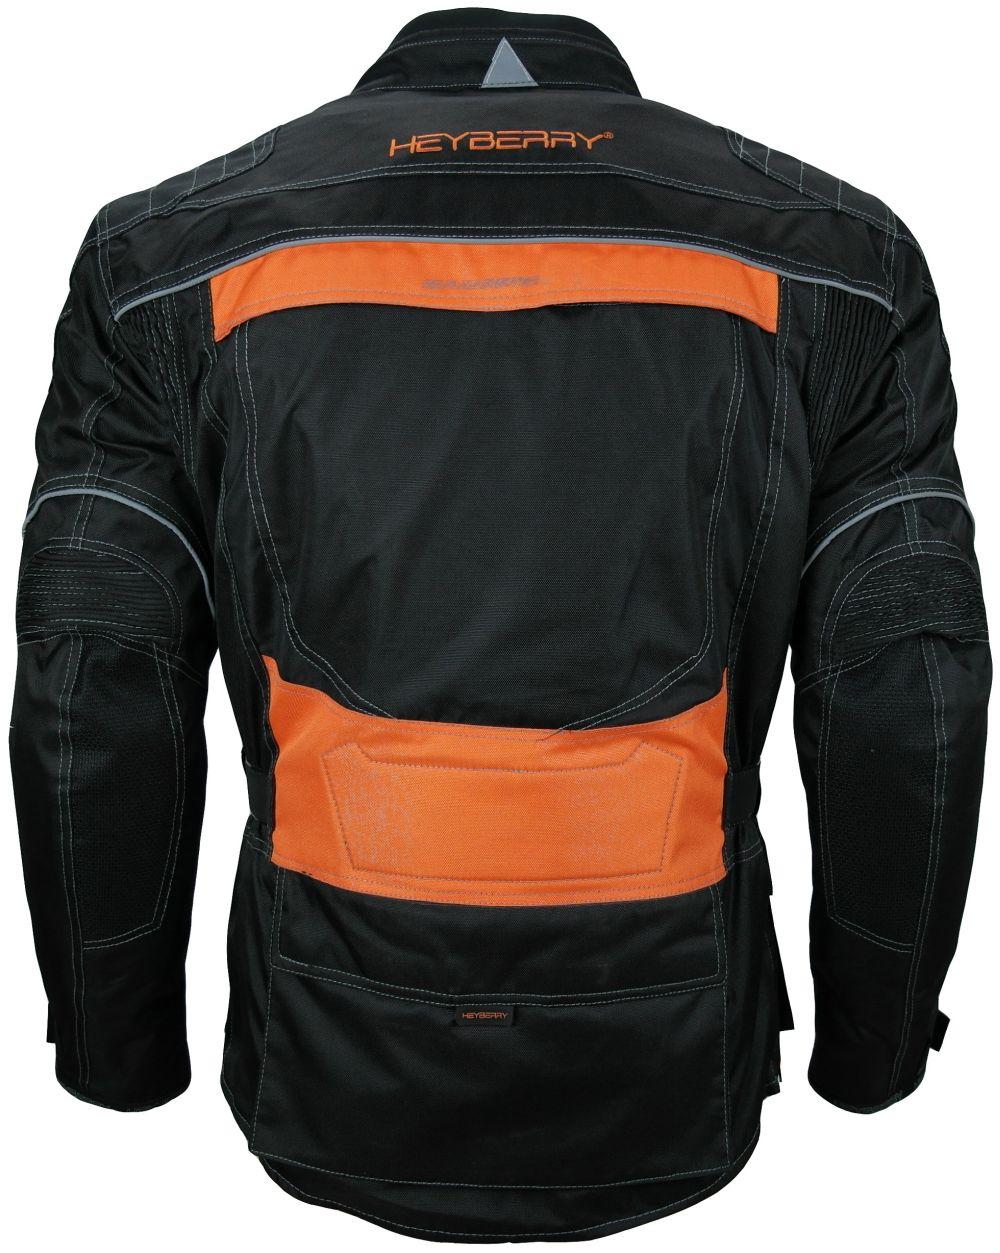 Heyberry Touren Motorrad Jacke Motorradjacke Textil schwarz orange M - 3XL